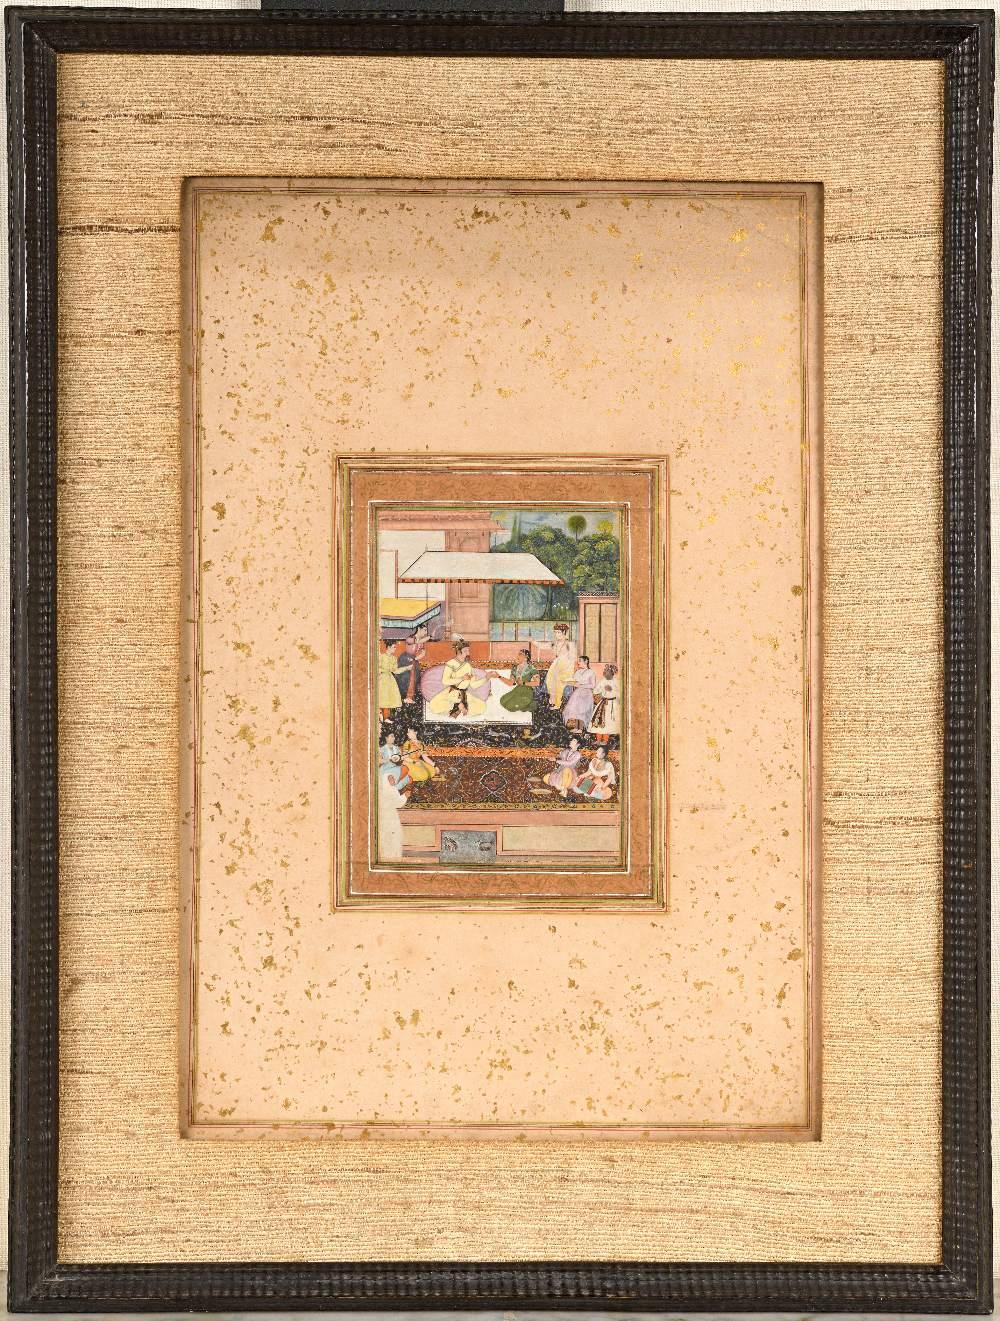 Portrait présumé du Prince moghol Daniyal Mirza (1572-1605)Inde moghole, vers 1610-1620Attribuable à - Image 2 of 5